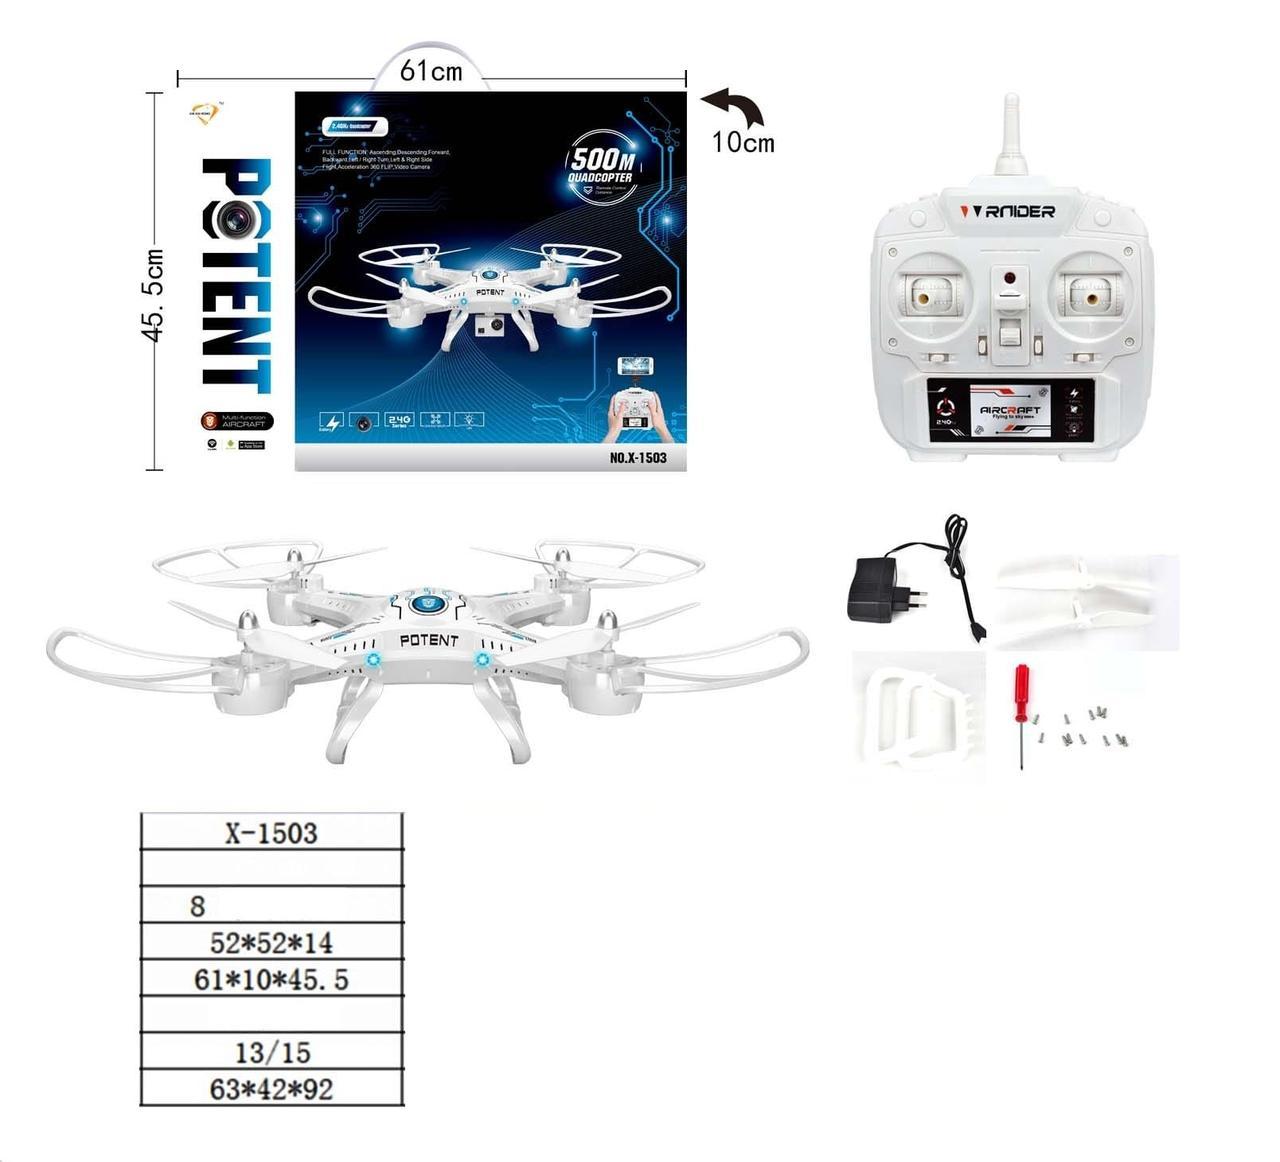 KMX-1503 Р.У.Квадролет  с гироскопом,камерой,свет.аккум.USB 2цв.кор.61*10*45,5 ш.к./8/